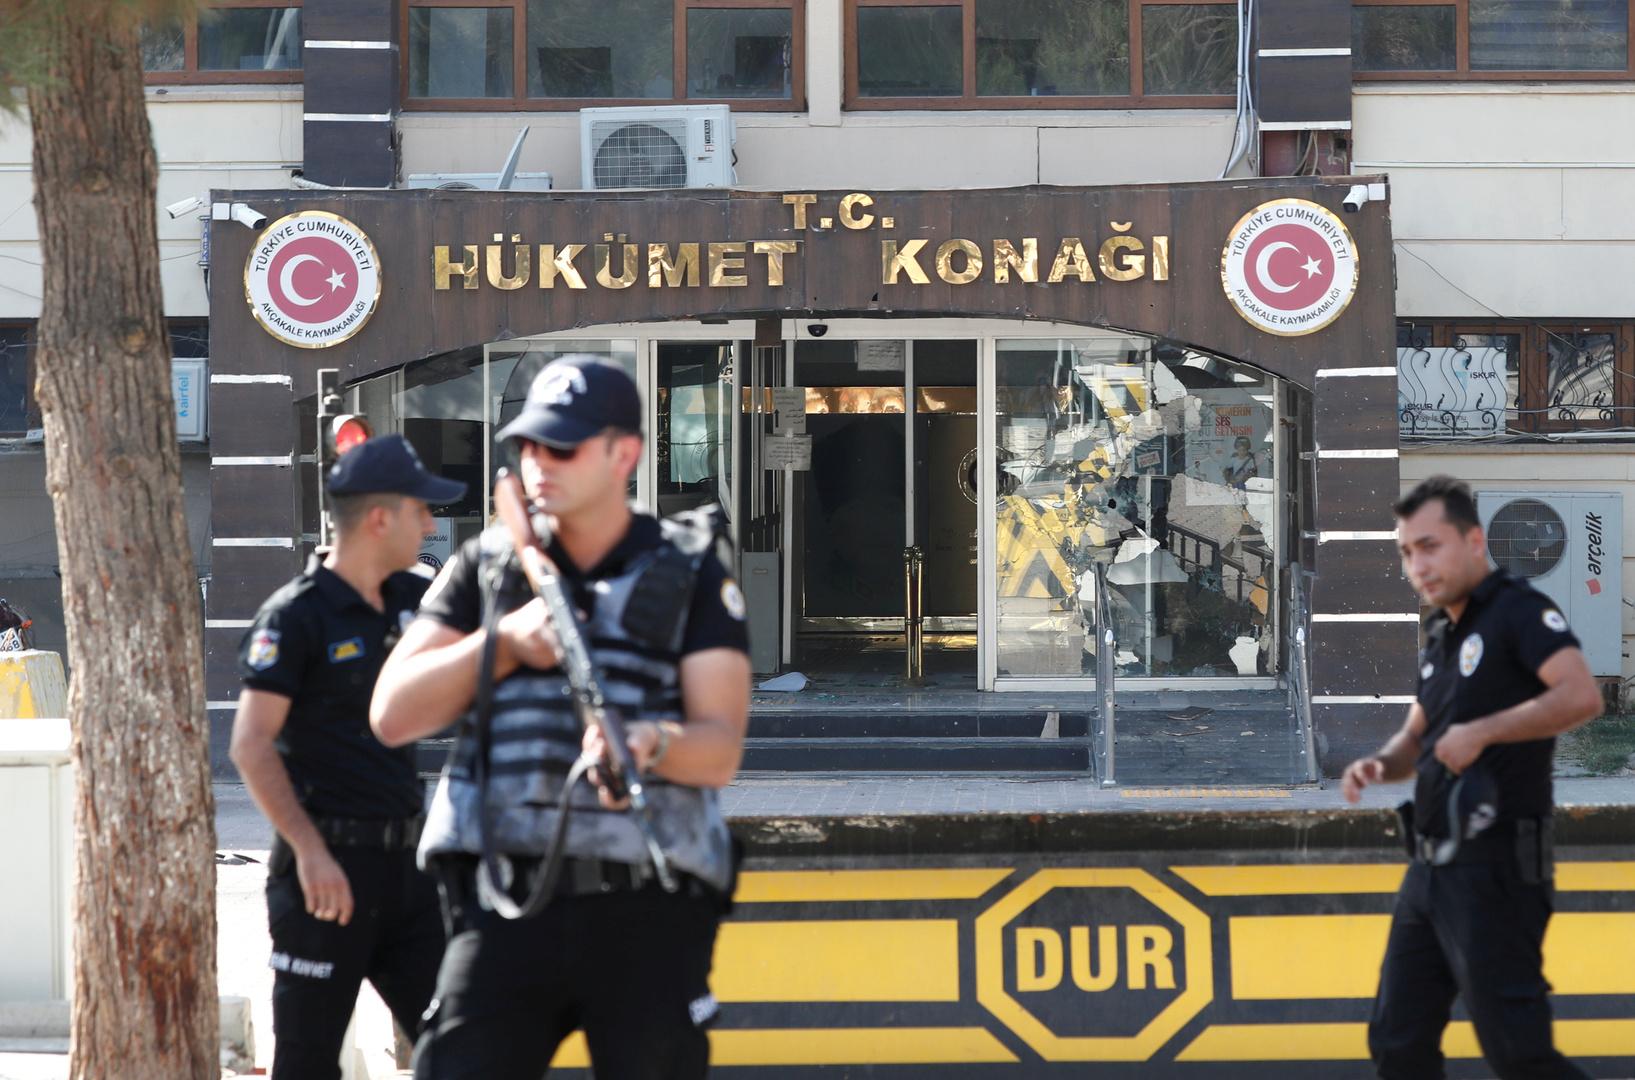 السلطات التركية توقف 64 شخصا بتهمة الانتماء لـ داعش  -